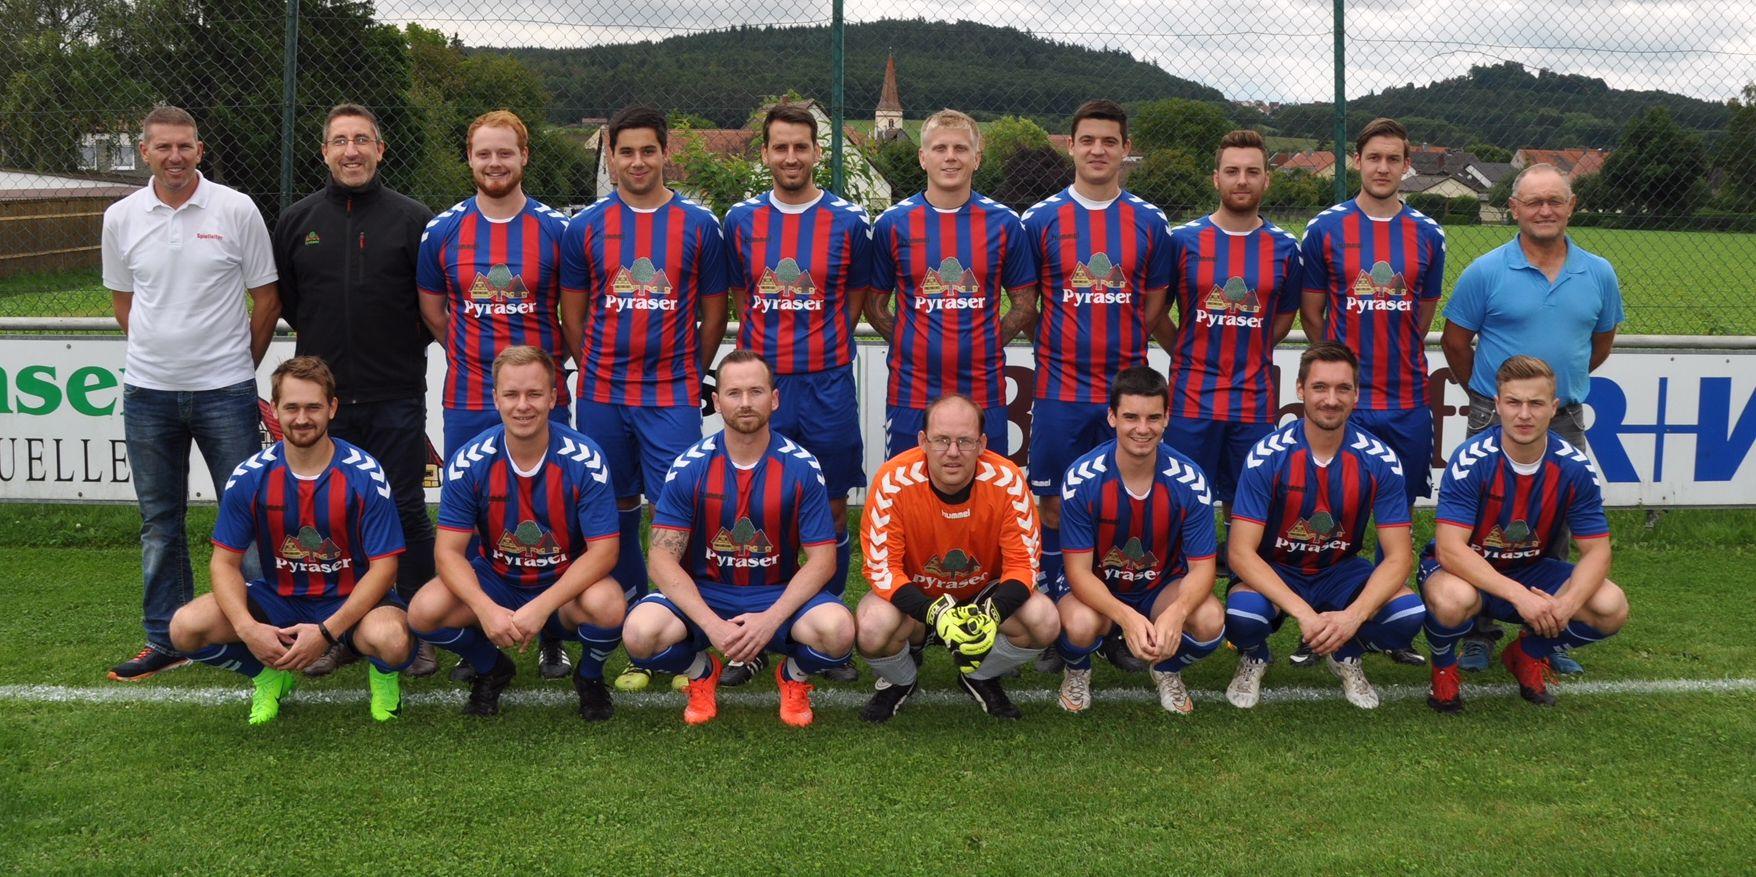 buy popular 32b7d 1d5f9 TV06 Thalmässing - Fußball Aktuell